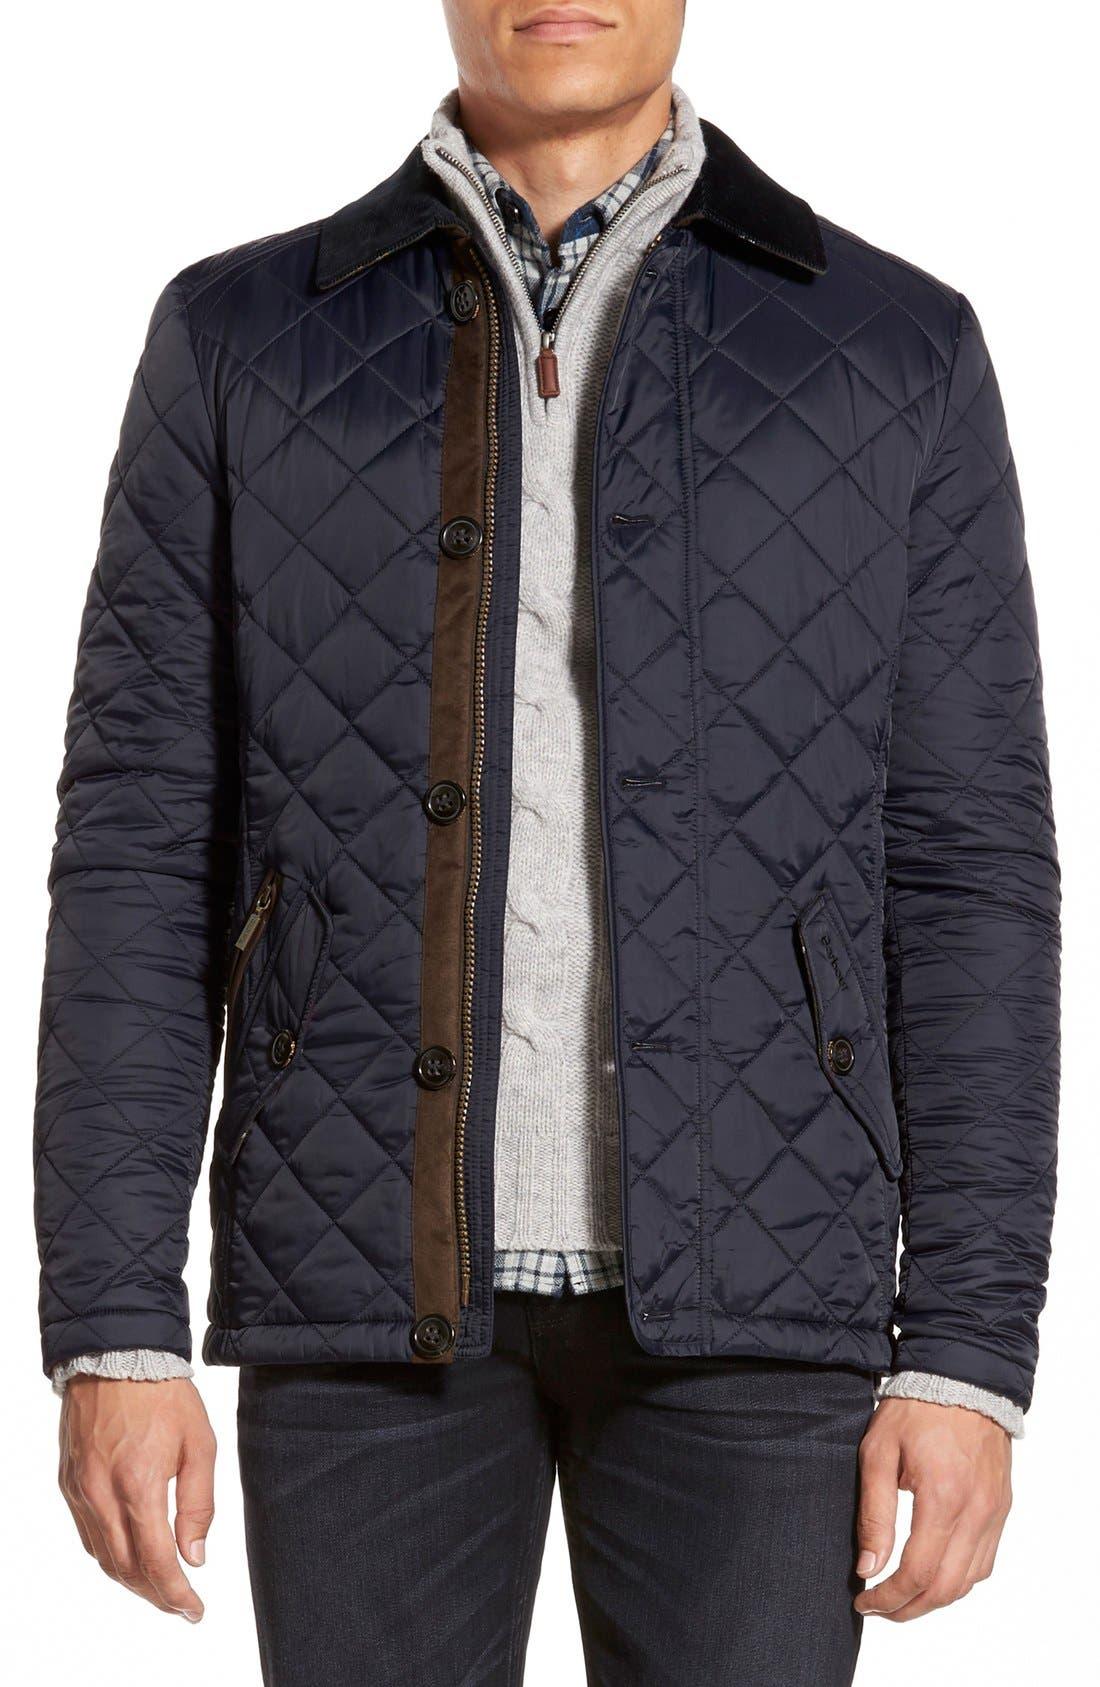 Main Image - Barbour 'Fortnum' Regular Fit Quilted Jacket